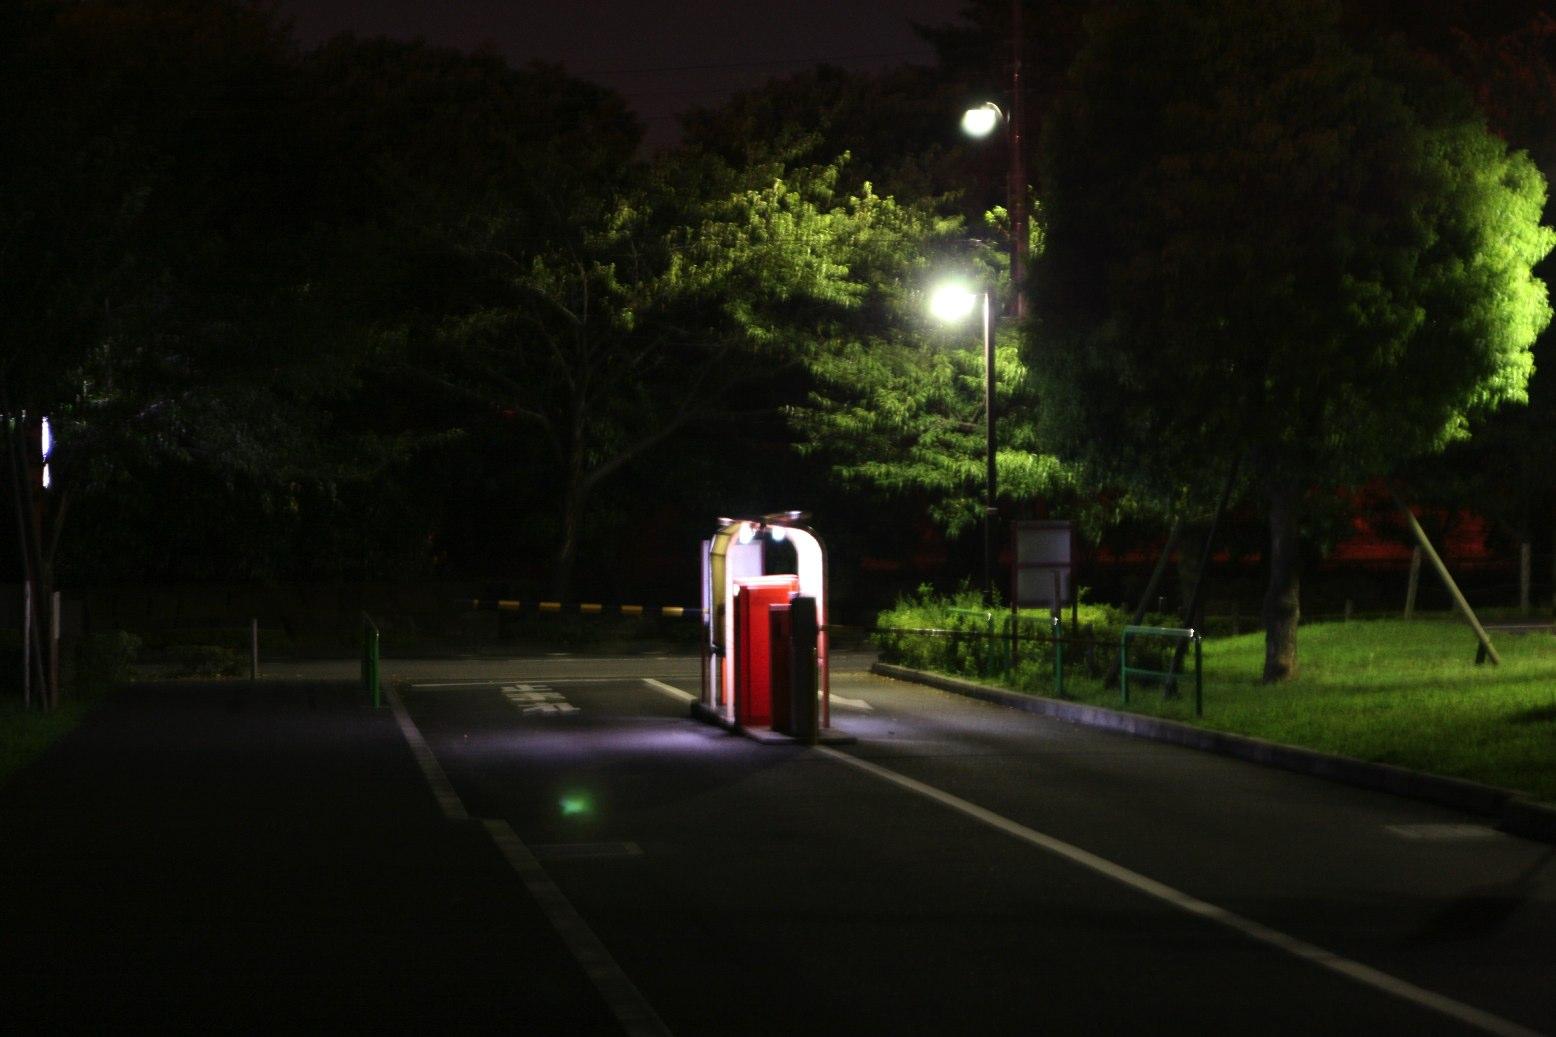 【散撮】夜公園を散歩_f0141609_21372728.jpg